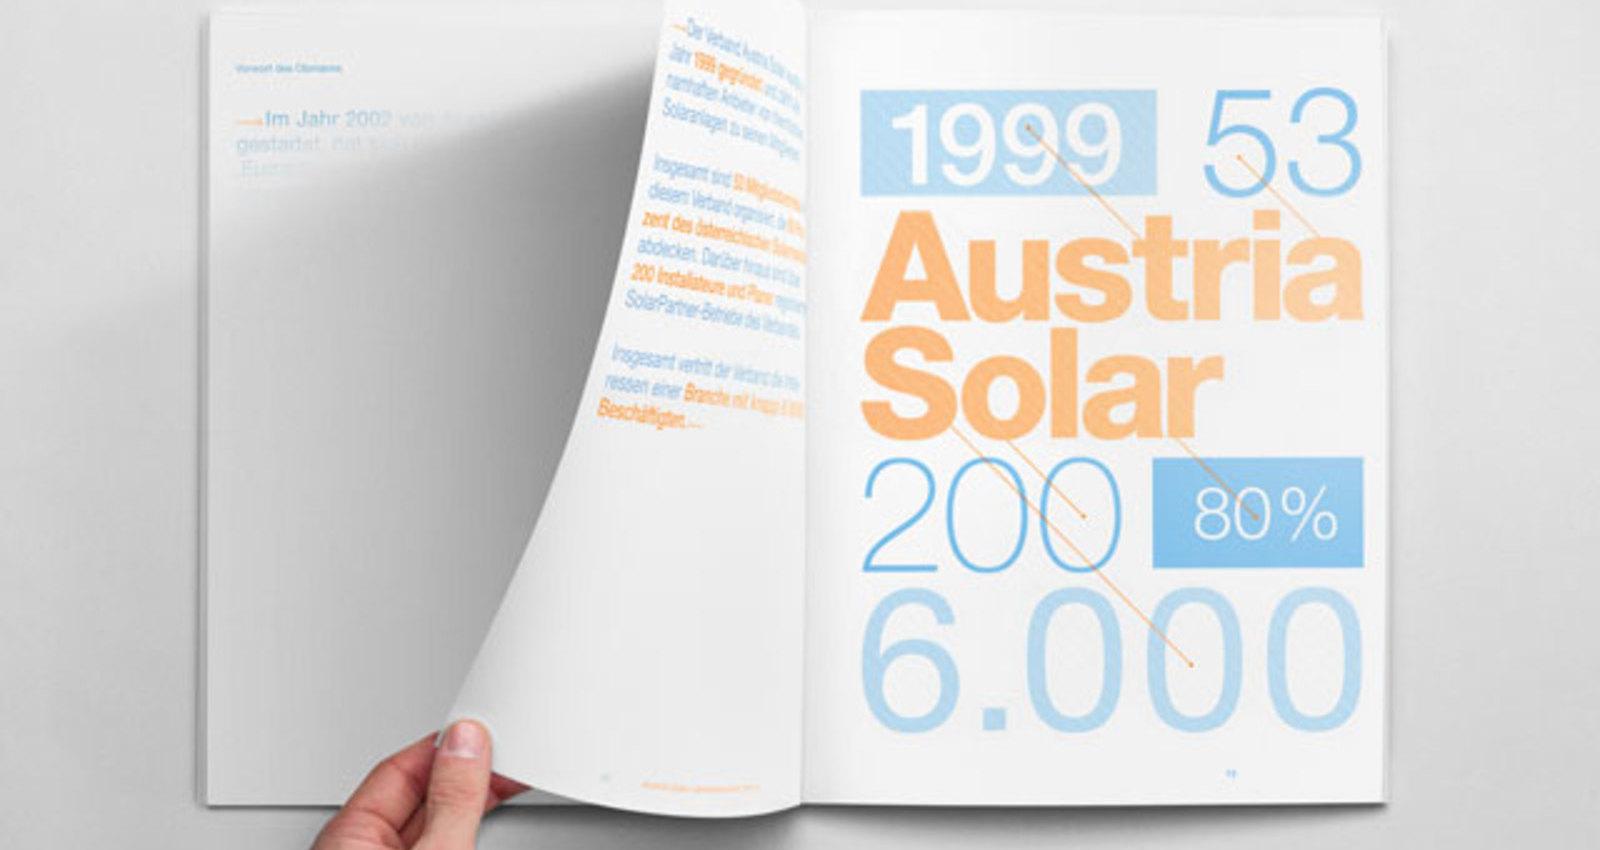 The Solar Annual Report 2011